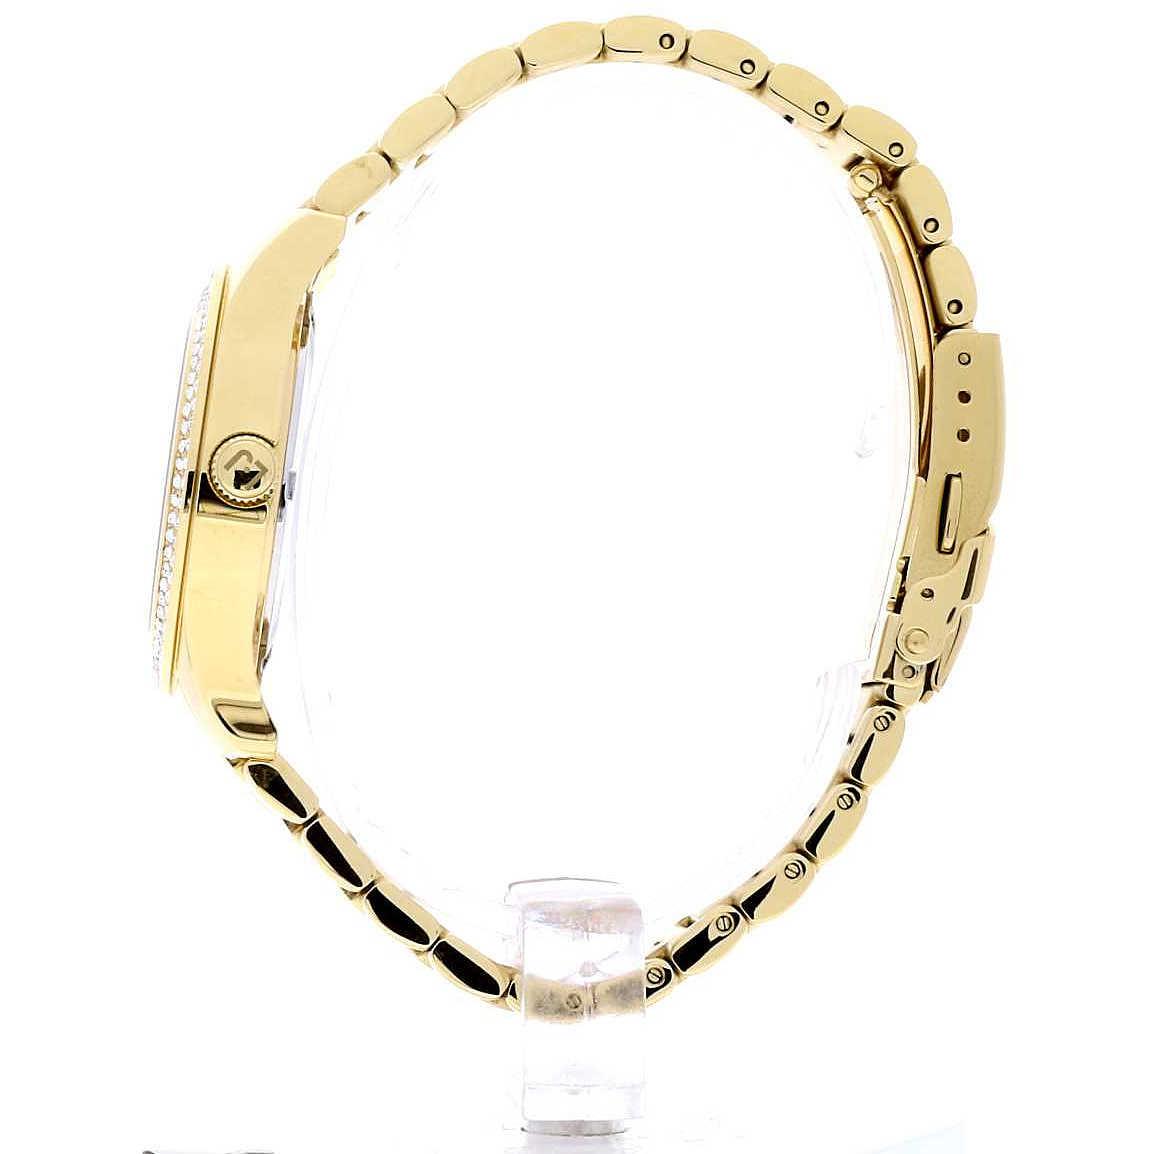 orologio multifunzione donna Liujo Phenix TLJ851 multifunzione Liujo ... 5695e66cb01